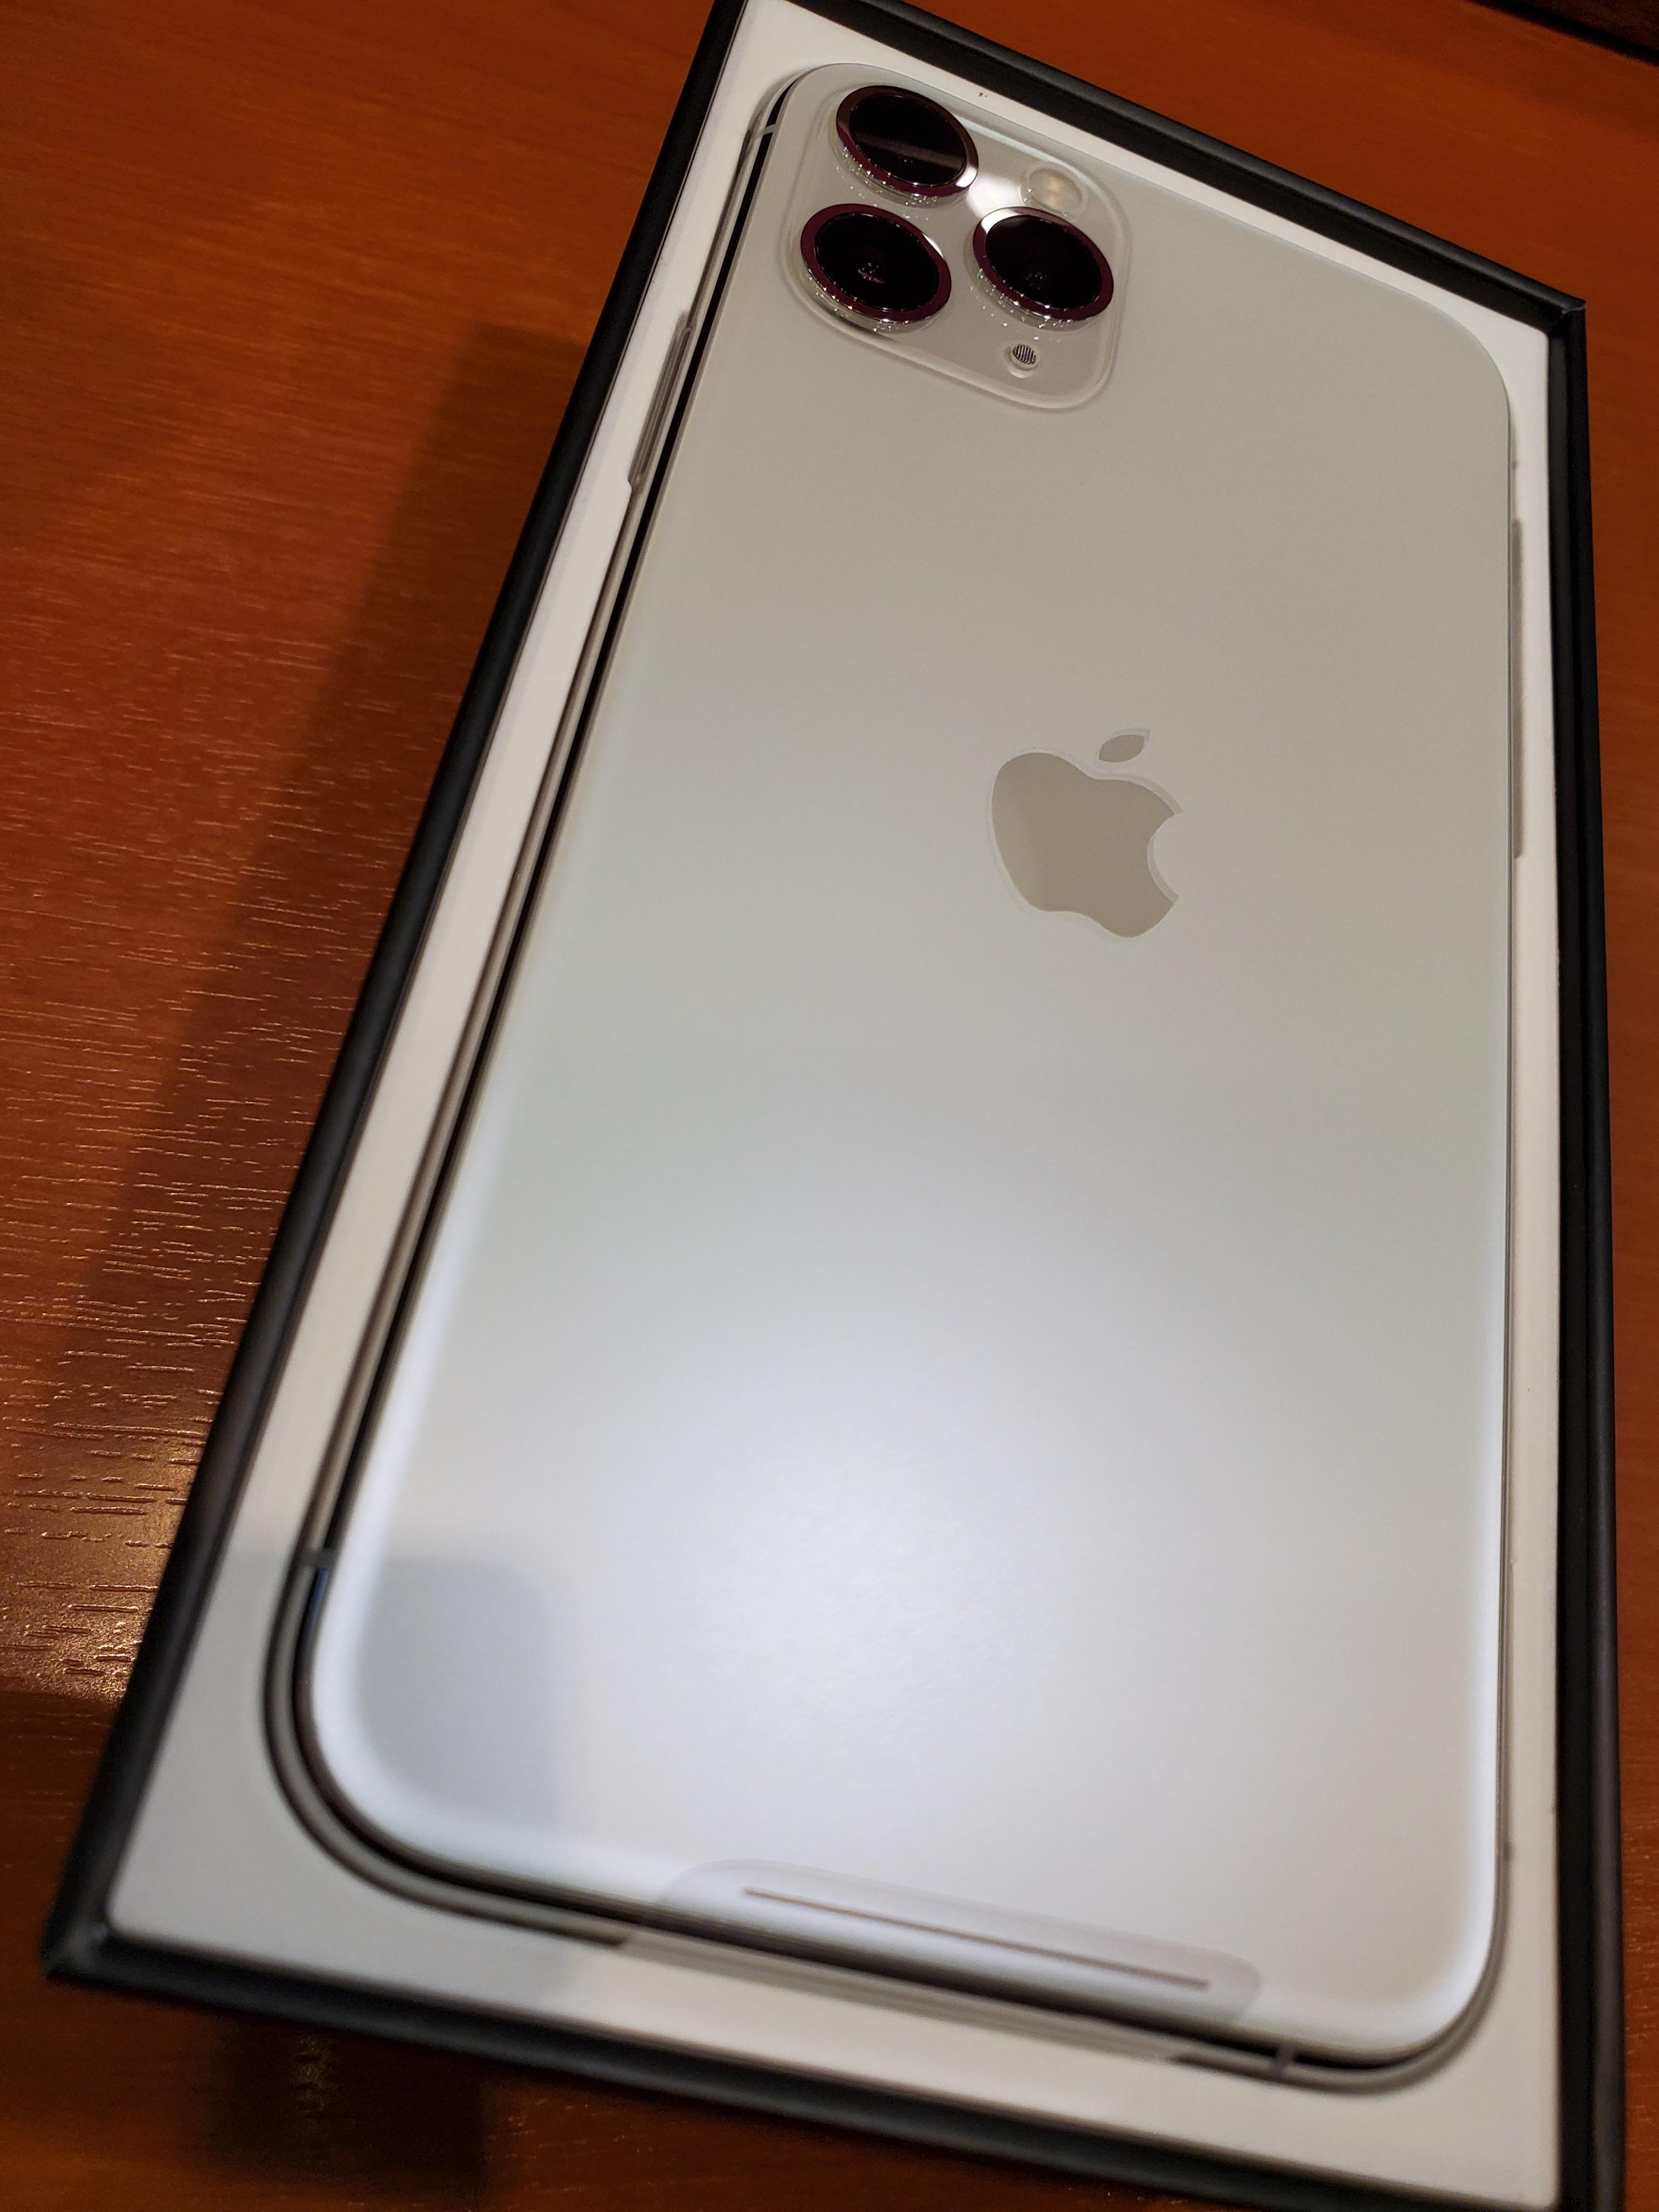 iPhone 11 Proを購入レビュー。背面の高級感に酔う